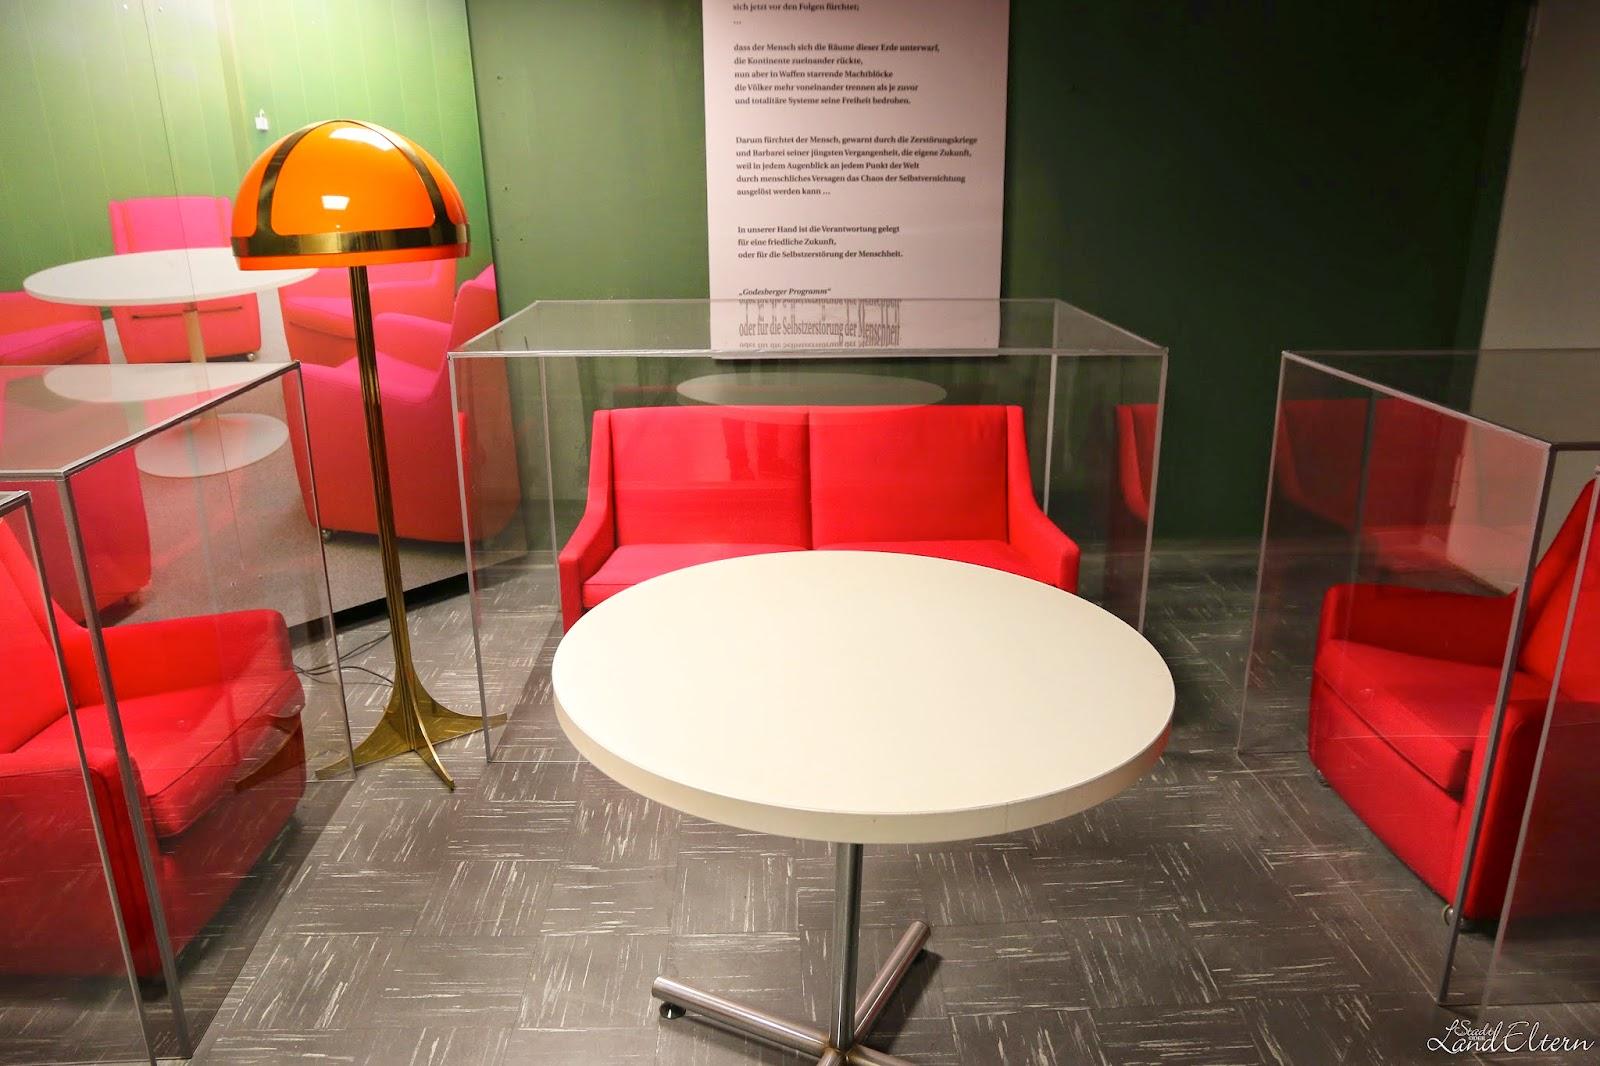 Dokumentationsstätte Regierungsstation Ahrweiler - Einrichtung für den Bundeskanzler